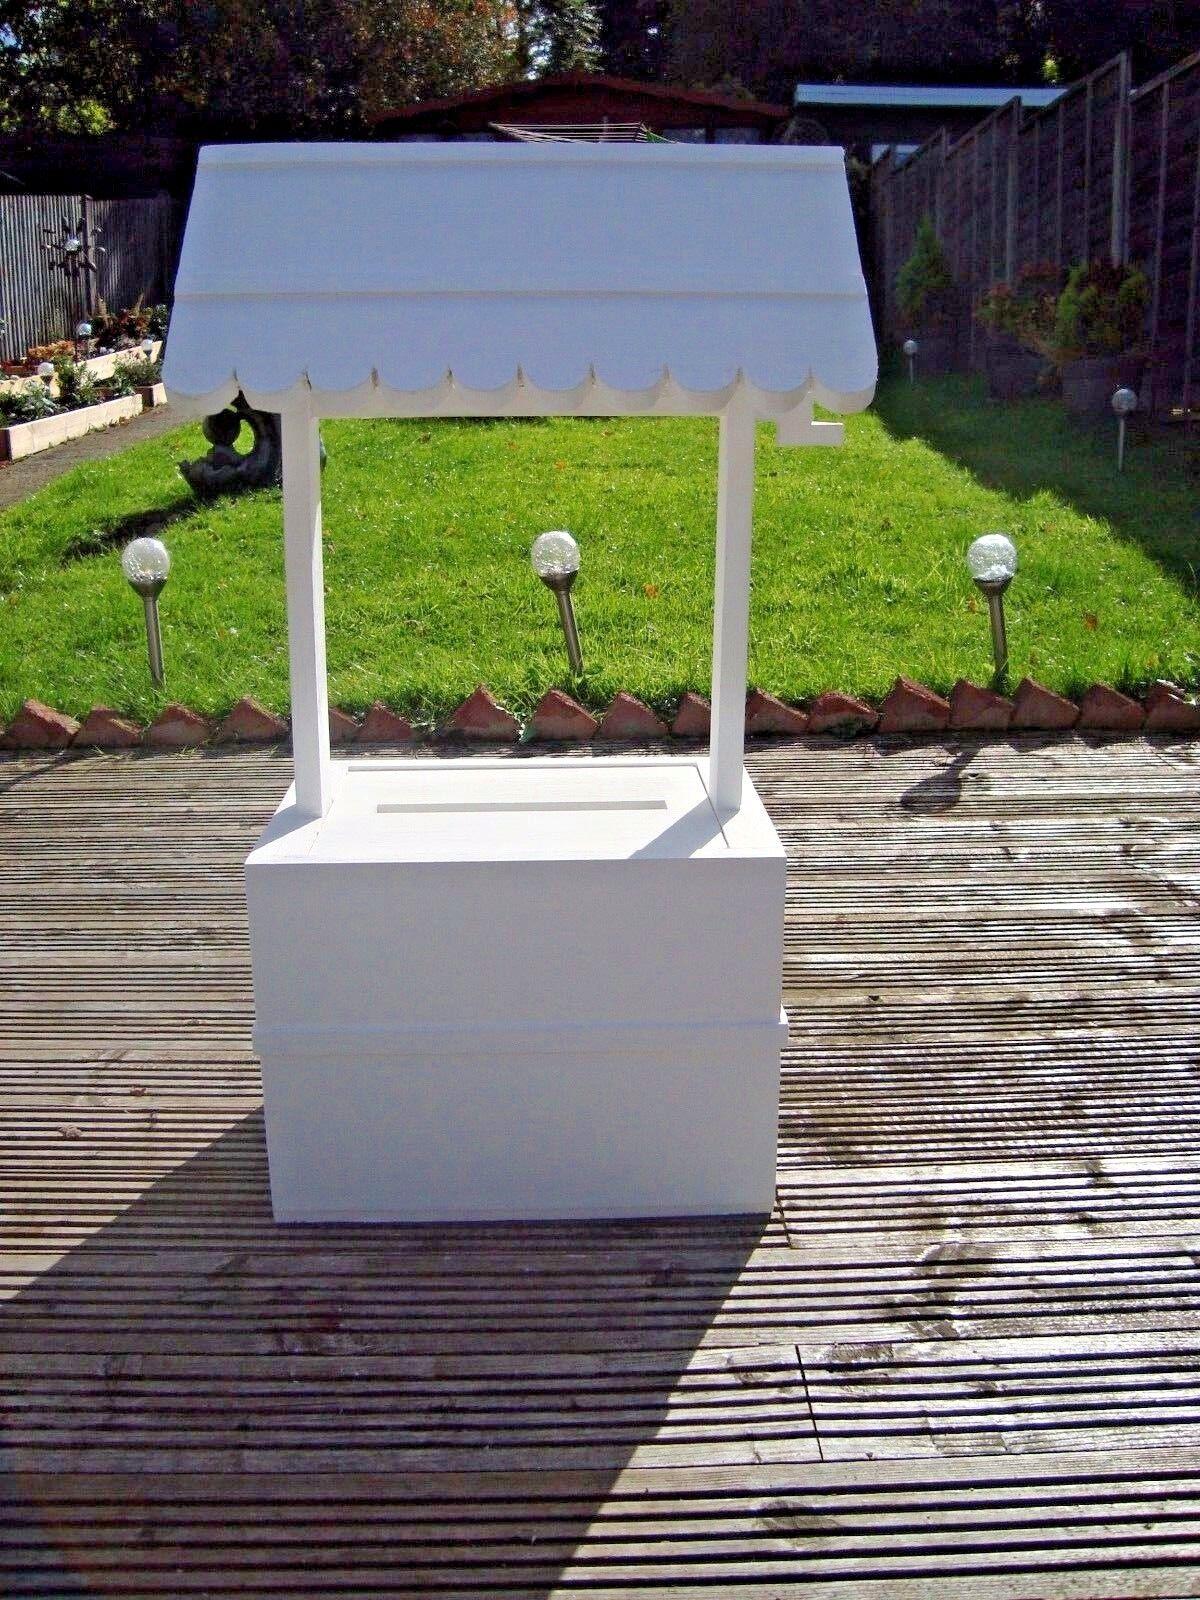 Mariage Wishing Well 80 cm haut. en vente pour envoi gratuit au Royaume-Uni